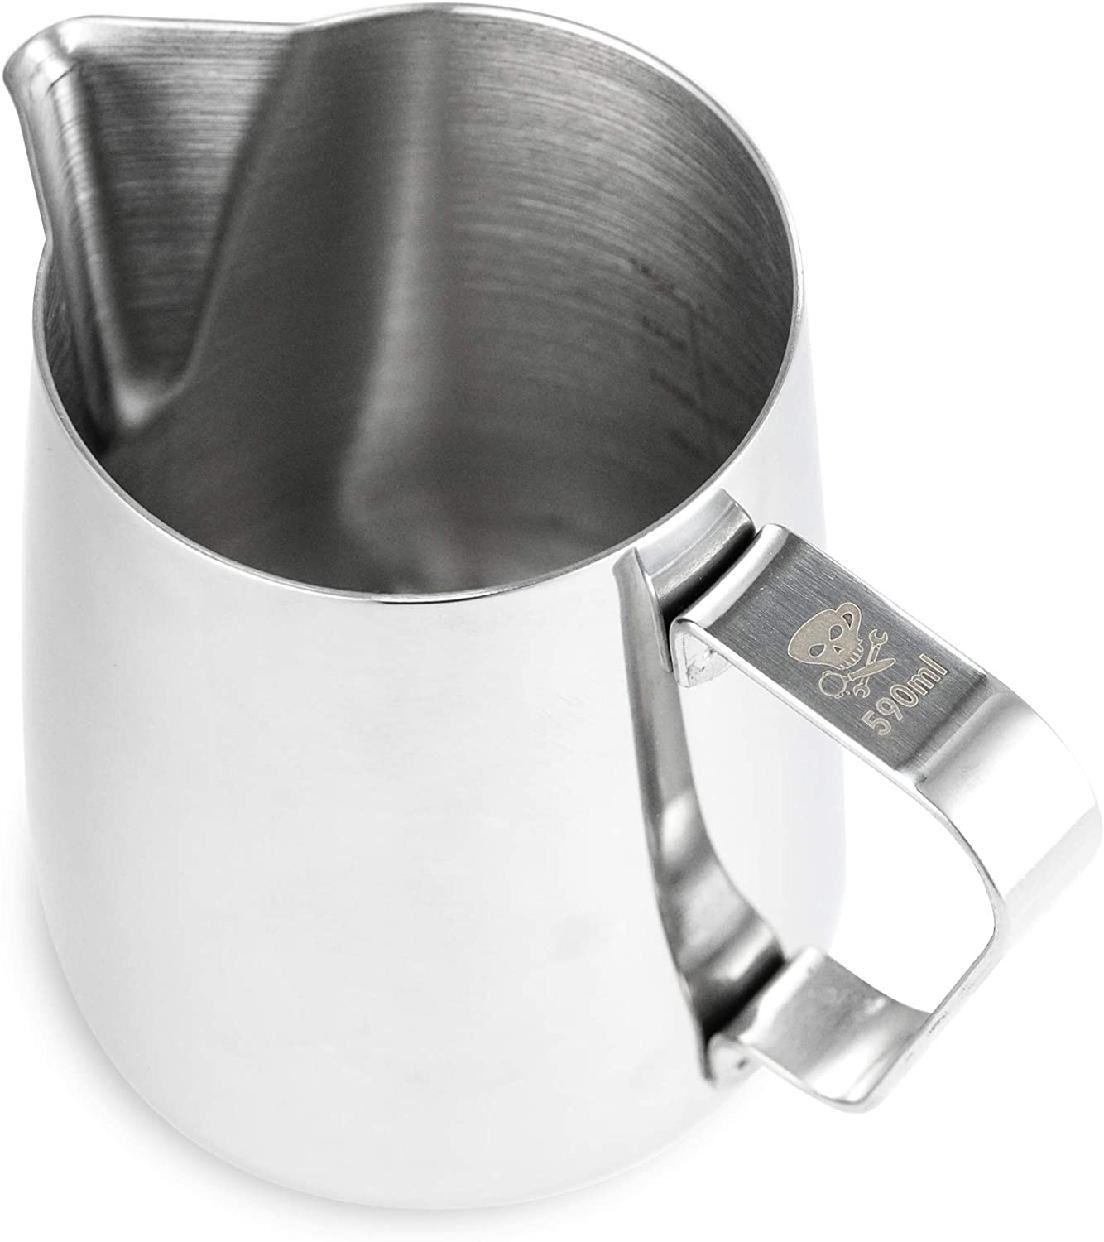 EspressoParts(エスプレッソパーツ)ミルクピッチャー 20オンス EP_PITCHER20 シルバーの商品画像4